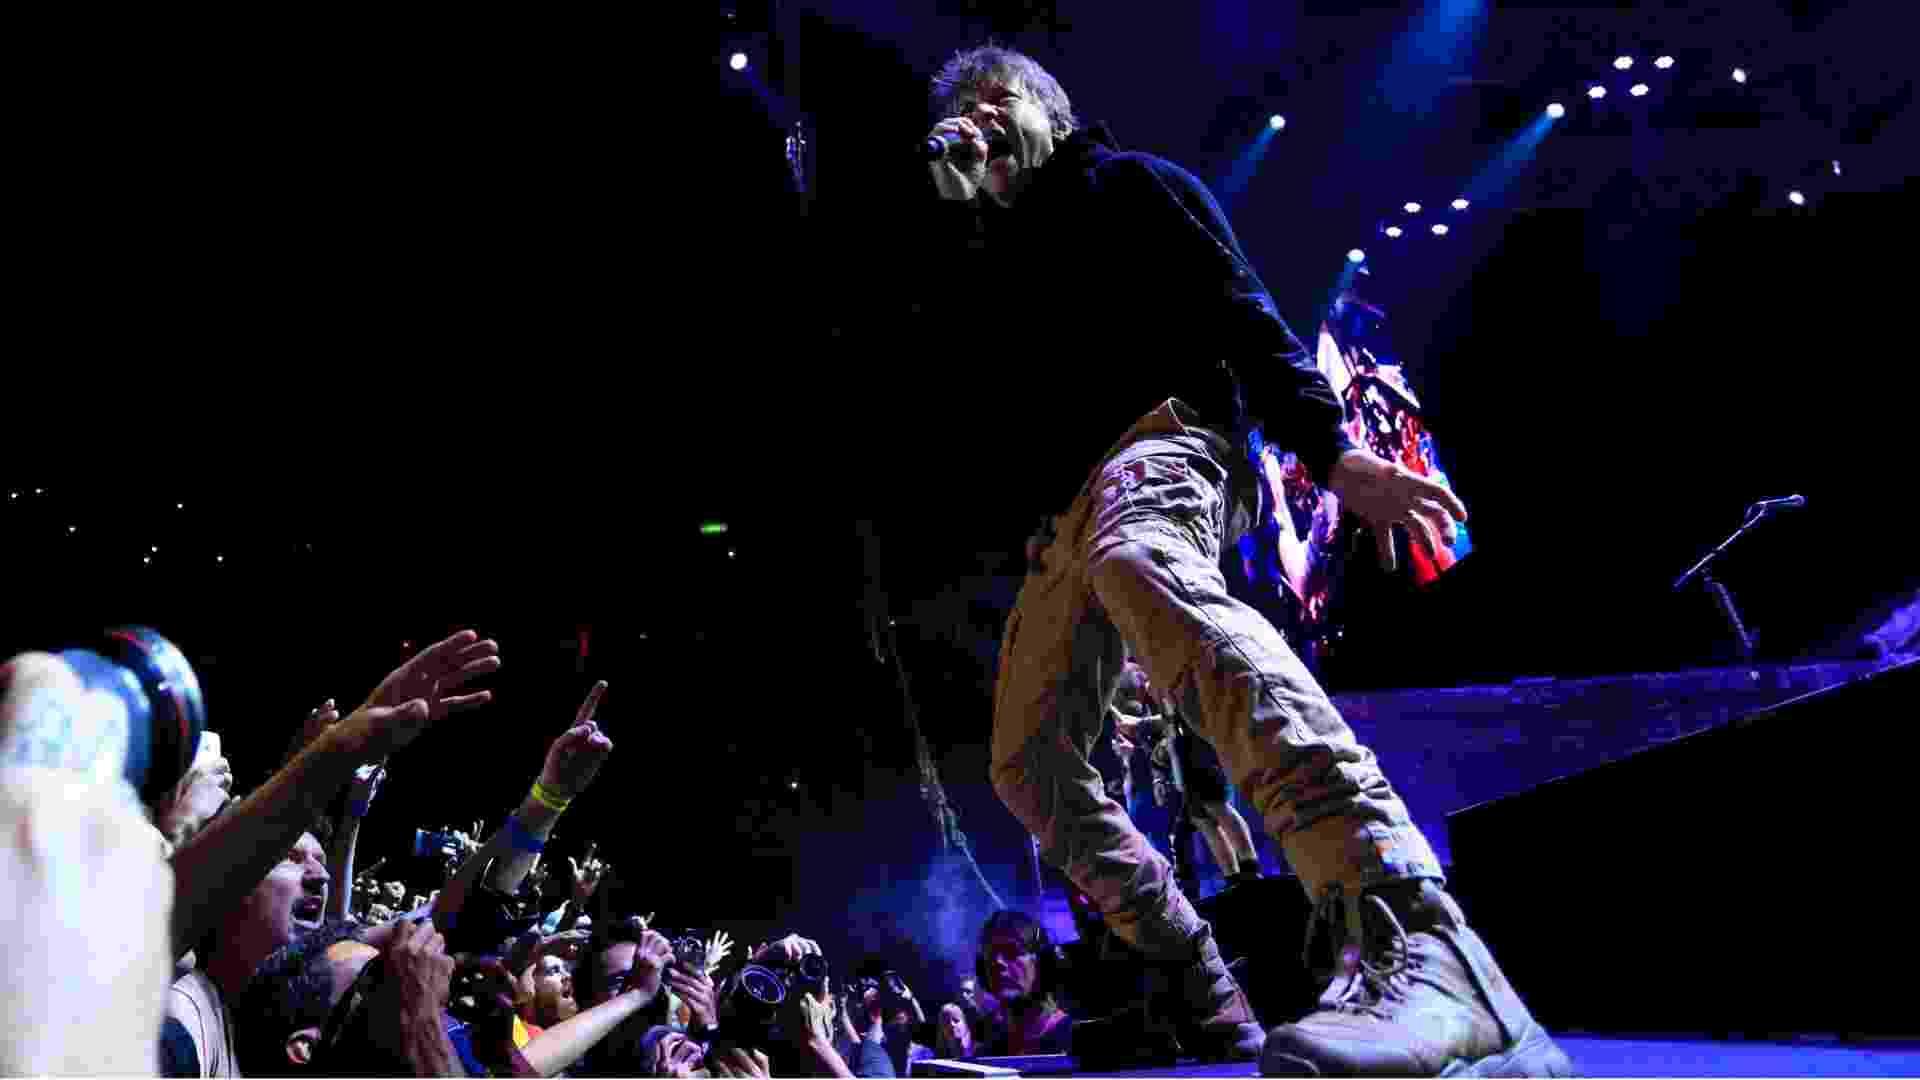 """17.mar.2016 - Bruce Dickinson, vocalista do Iron Maiden, abre a turnê brasileira  """"The Book of Souls"""" com um show no HSBC Arena, no Rio de Janeiro - Douglas Shineidr/UOL"""